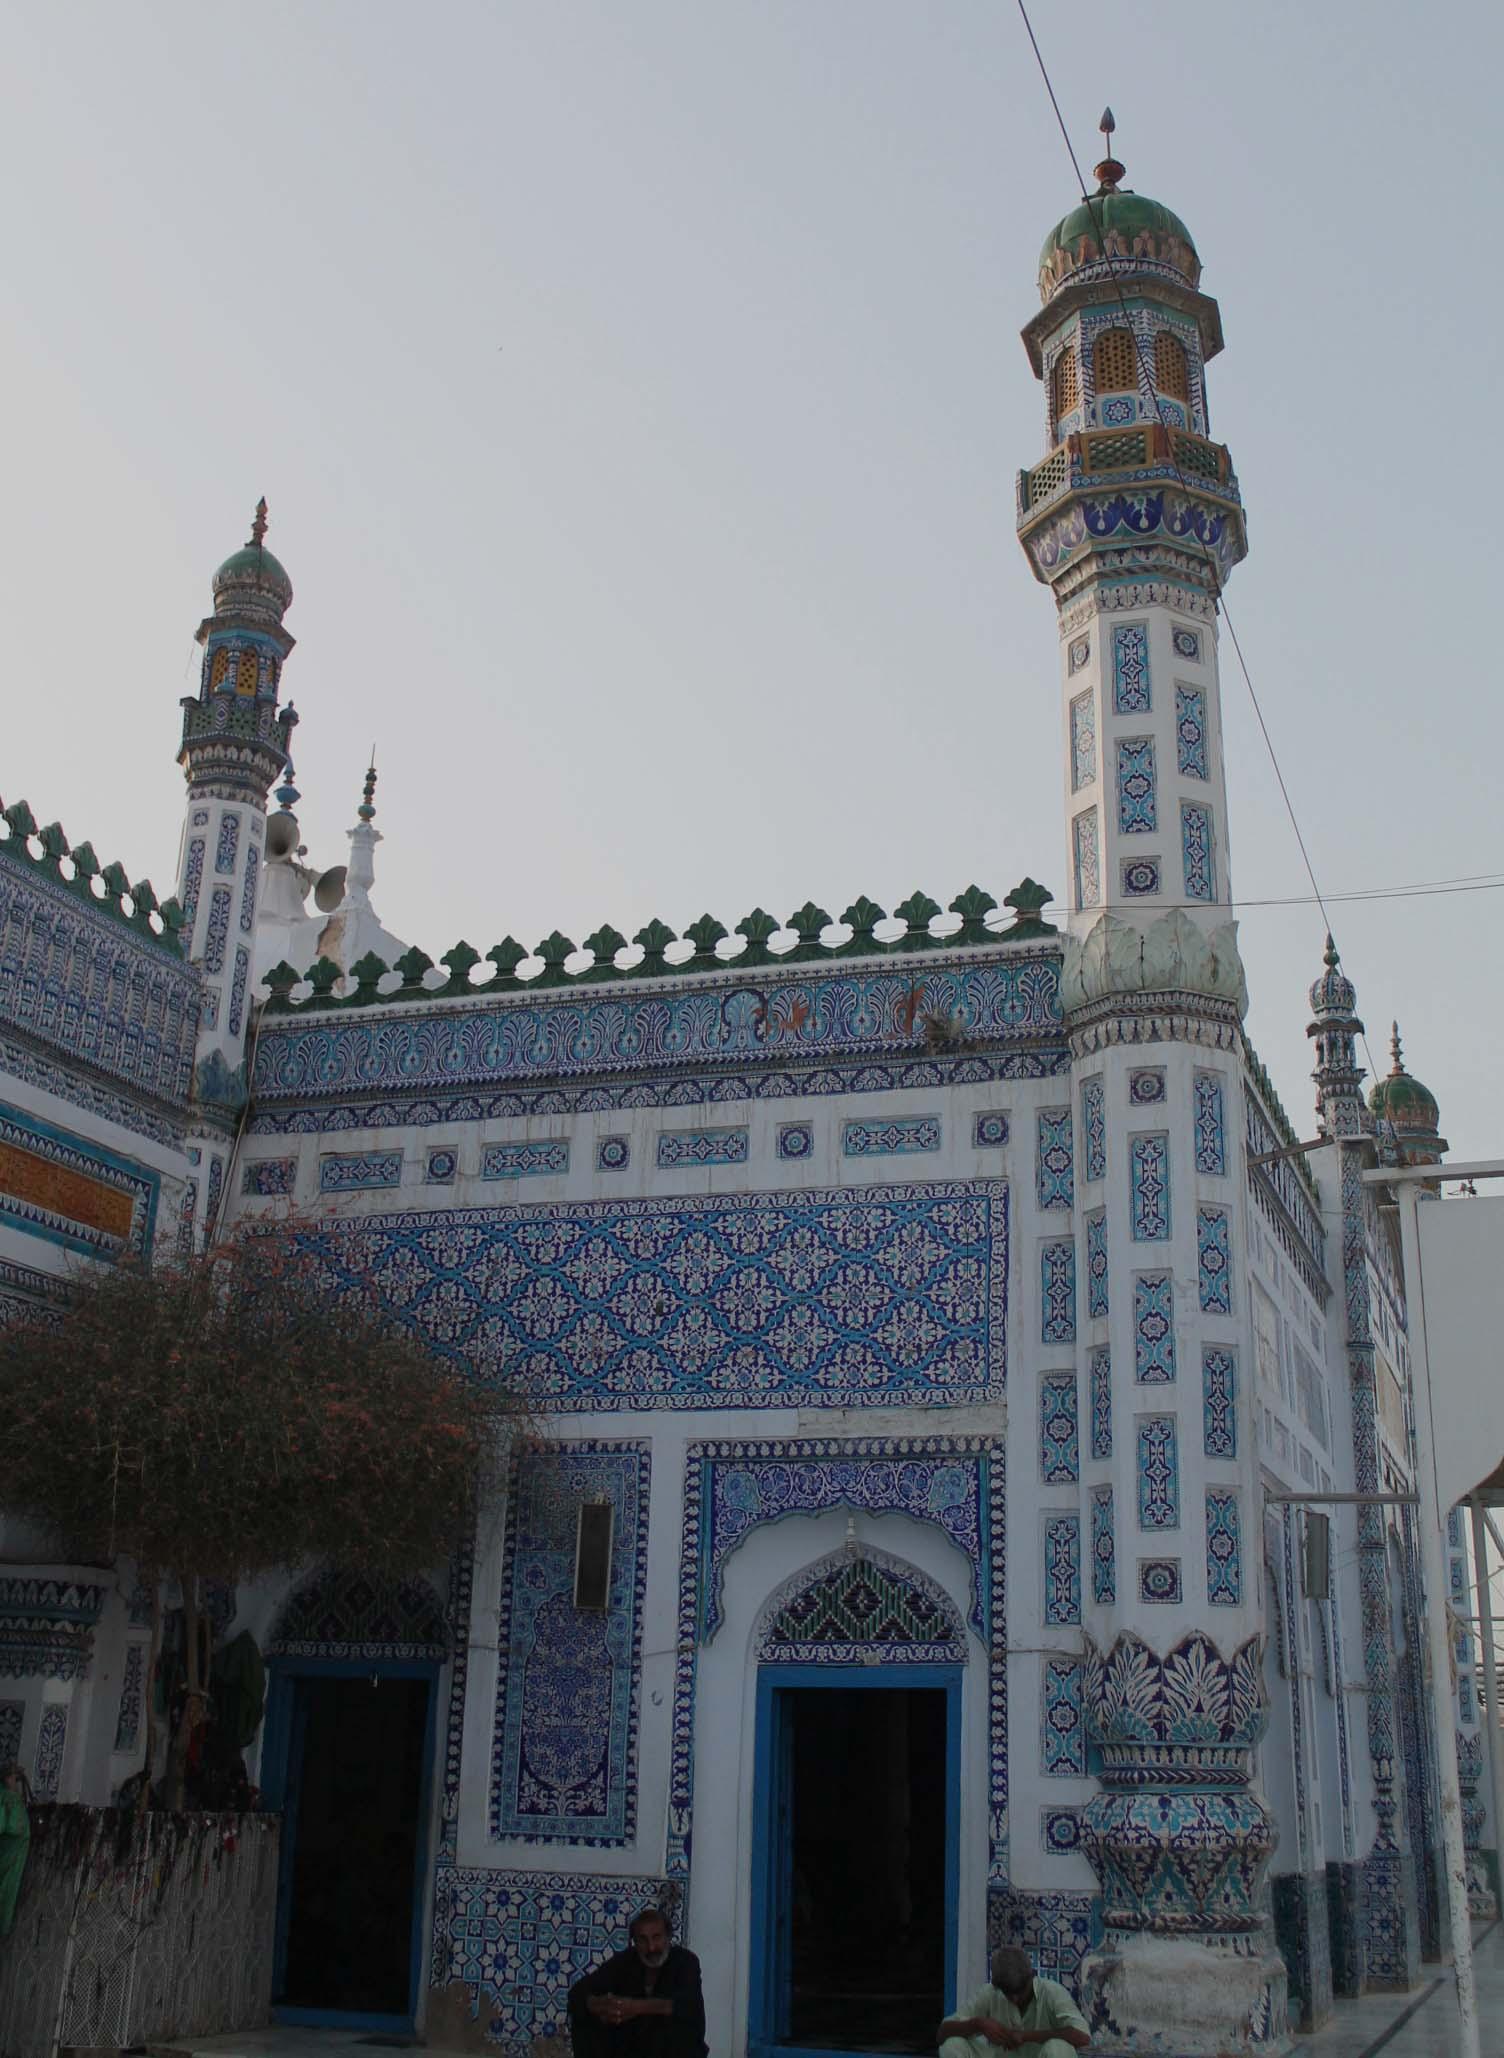 Inside the shrine of Shah Abdul Latif Bhittai